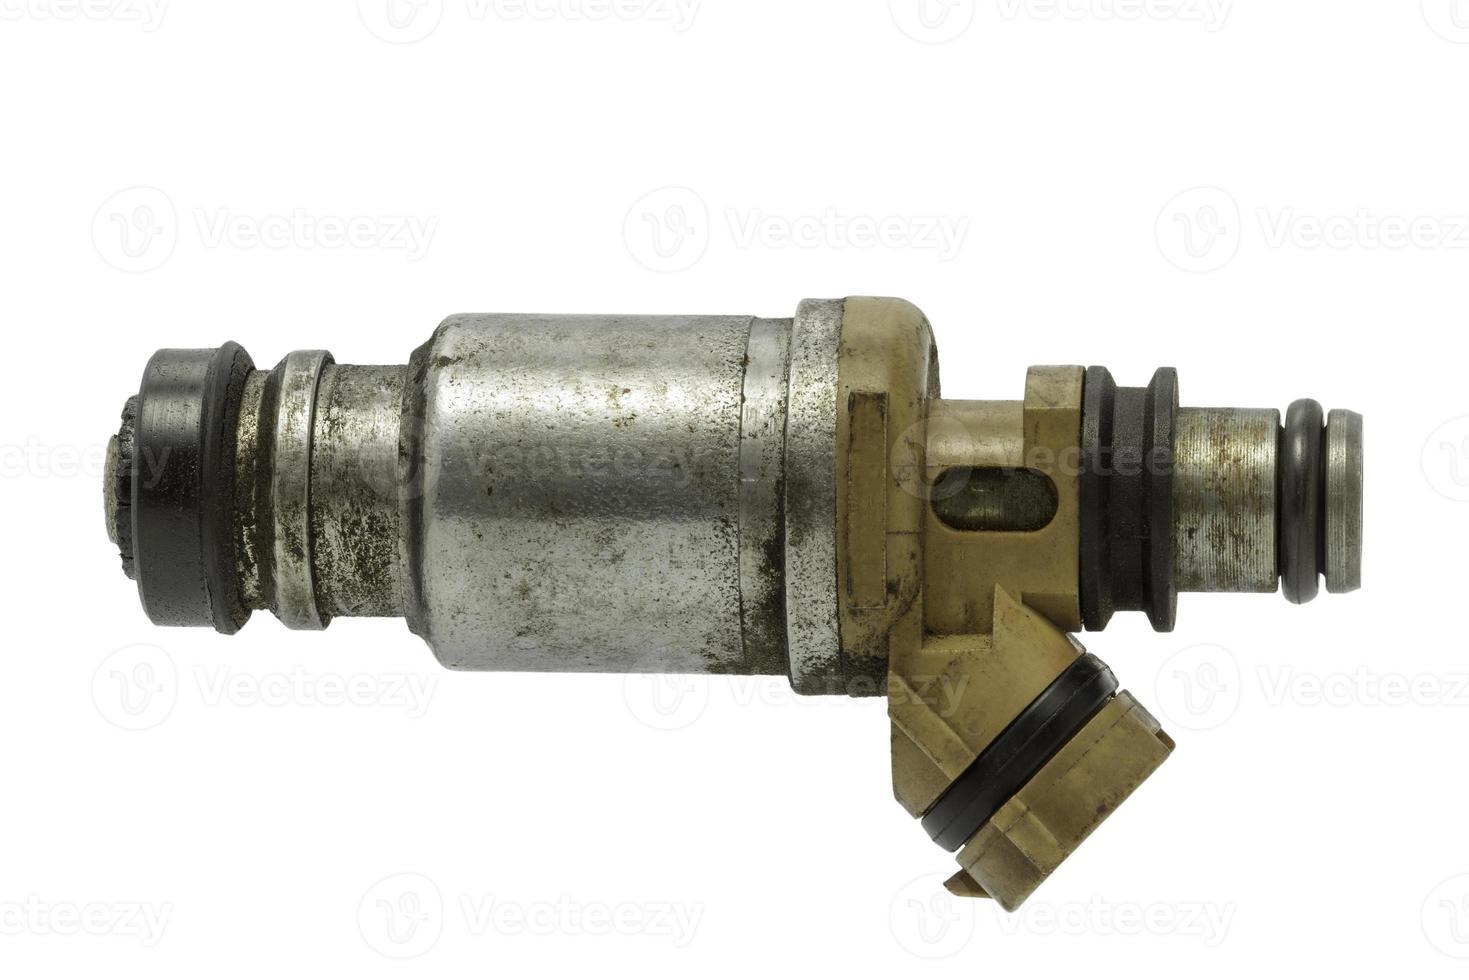 injetor de combustível usado em um fundo branco foto